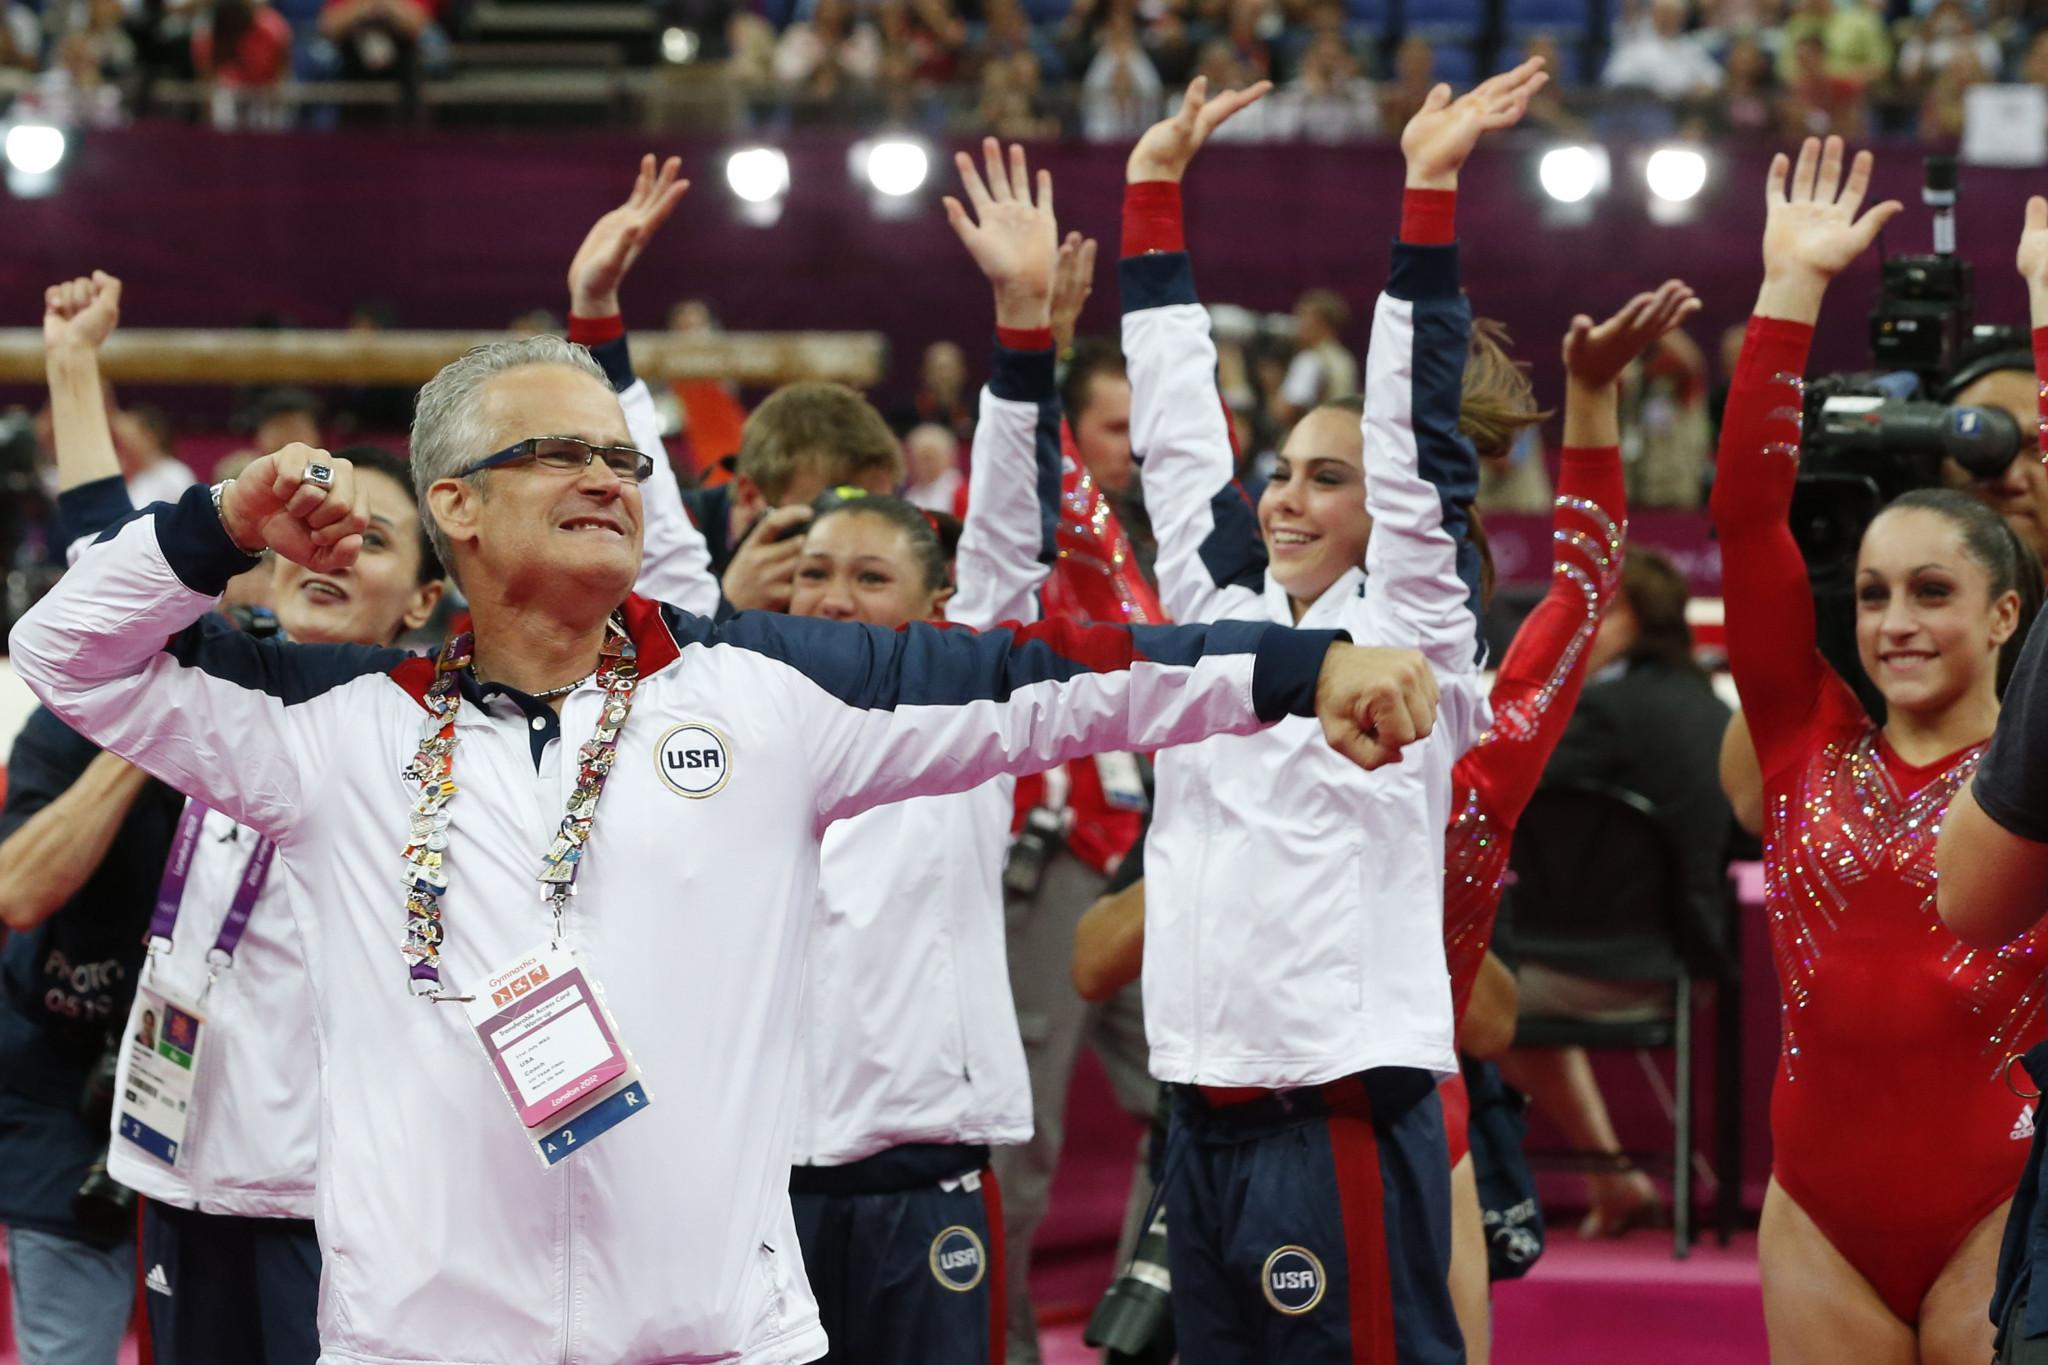 Former USA Gymnastics coach under investigation in wake of Nassar cases